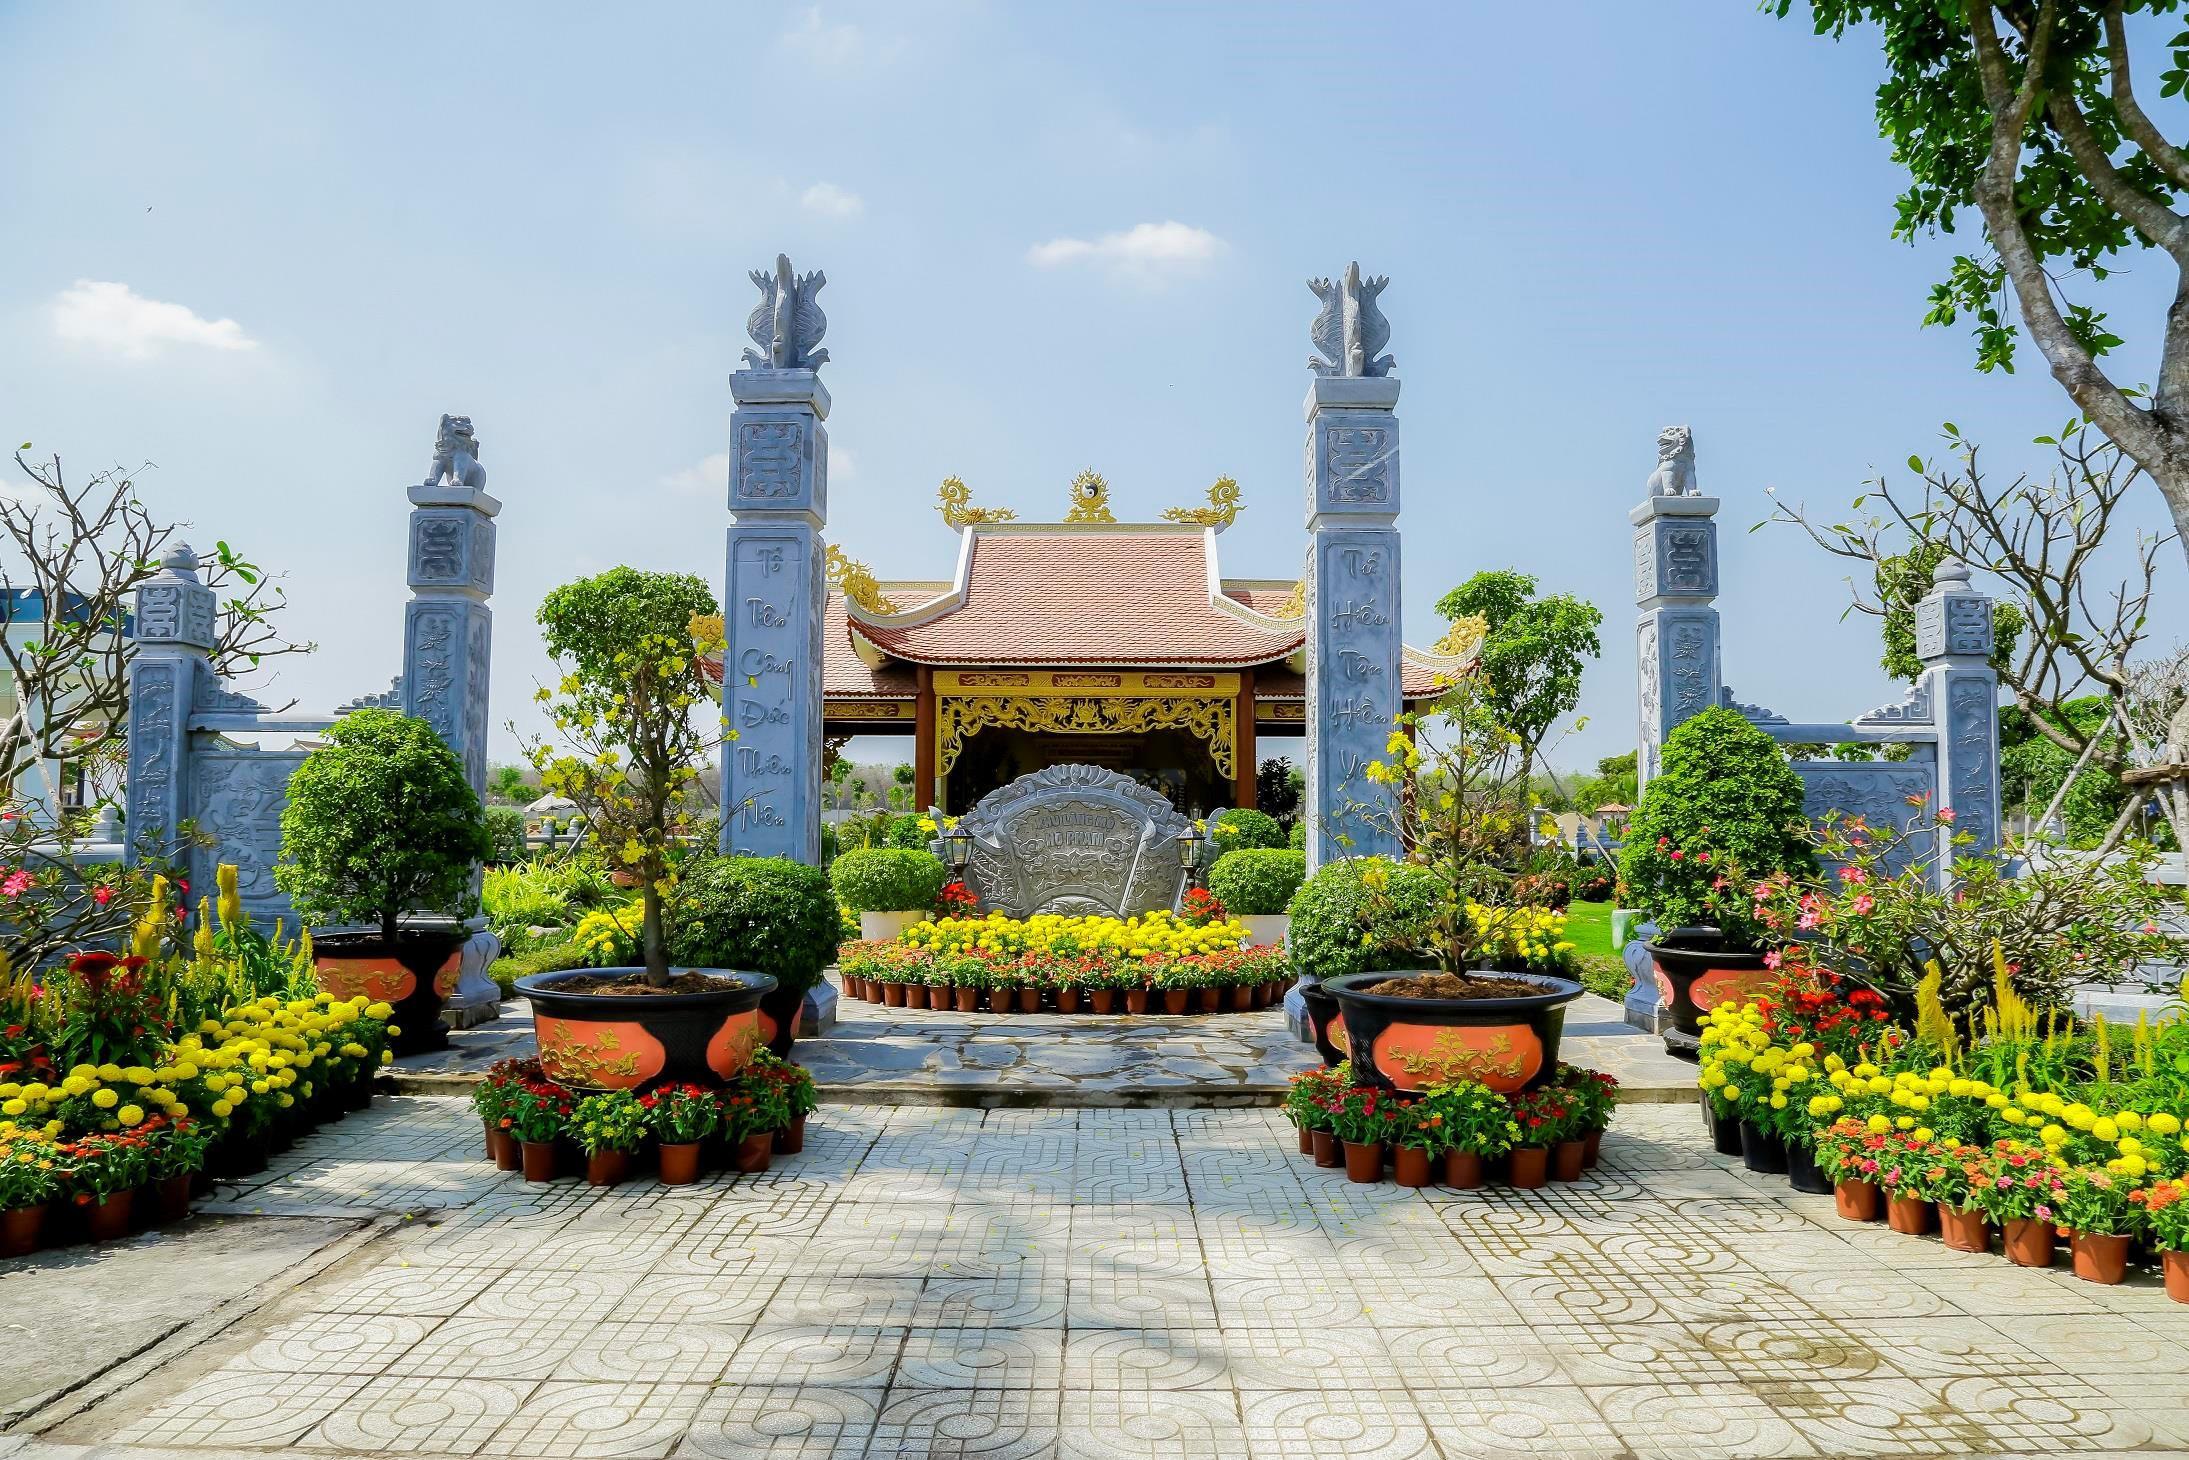 Xu hướng chọn nơi yên nghỉ cho cha mẹ ở nước ngoài có gì khác Việt Nam - Hình 7